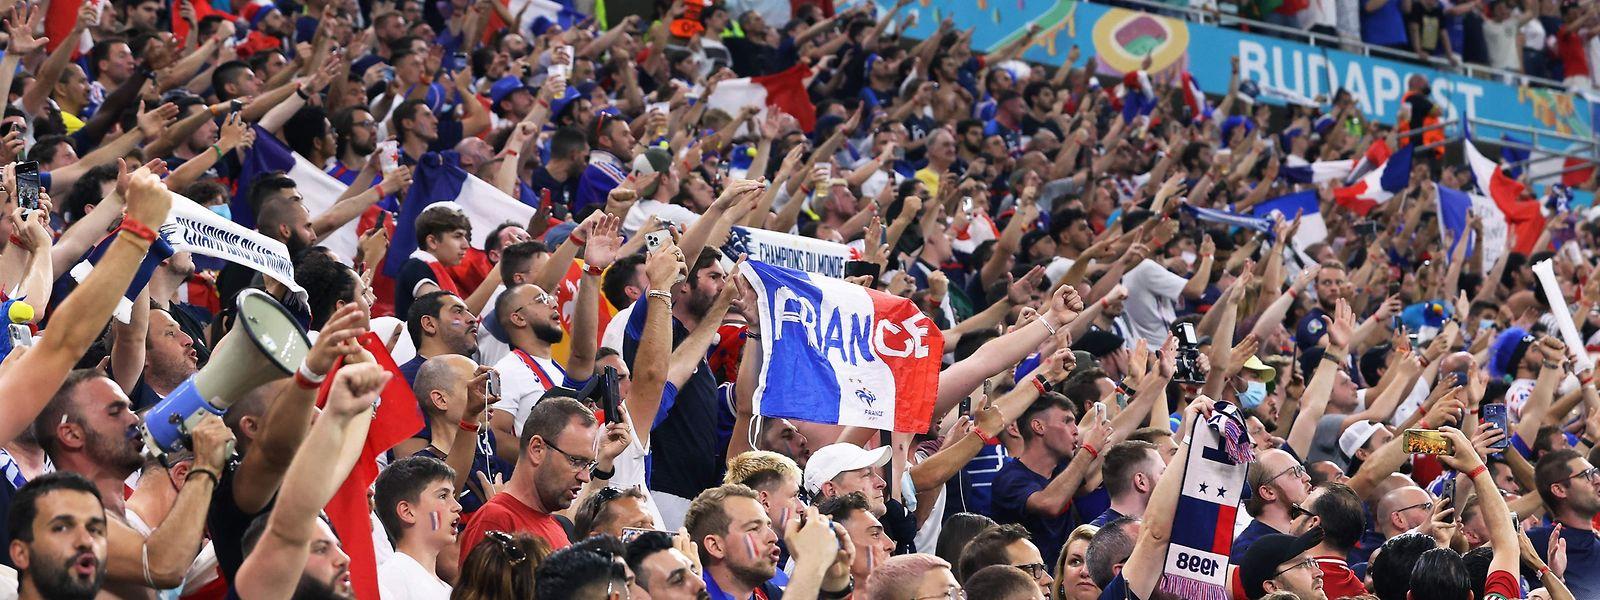 Diese Fans sind schon vom Sportfieber befallen. Und die Tour de France hat noch nicht einmal begonnen.